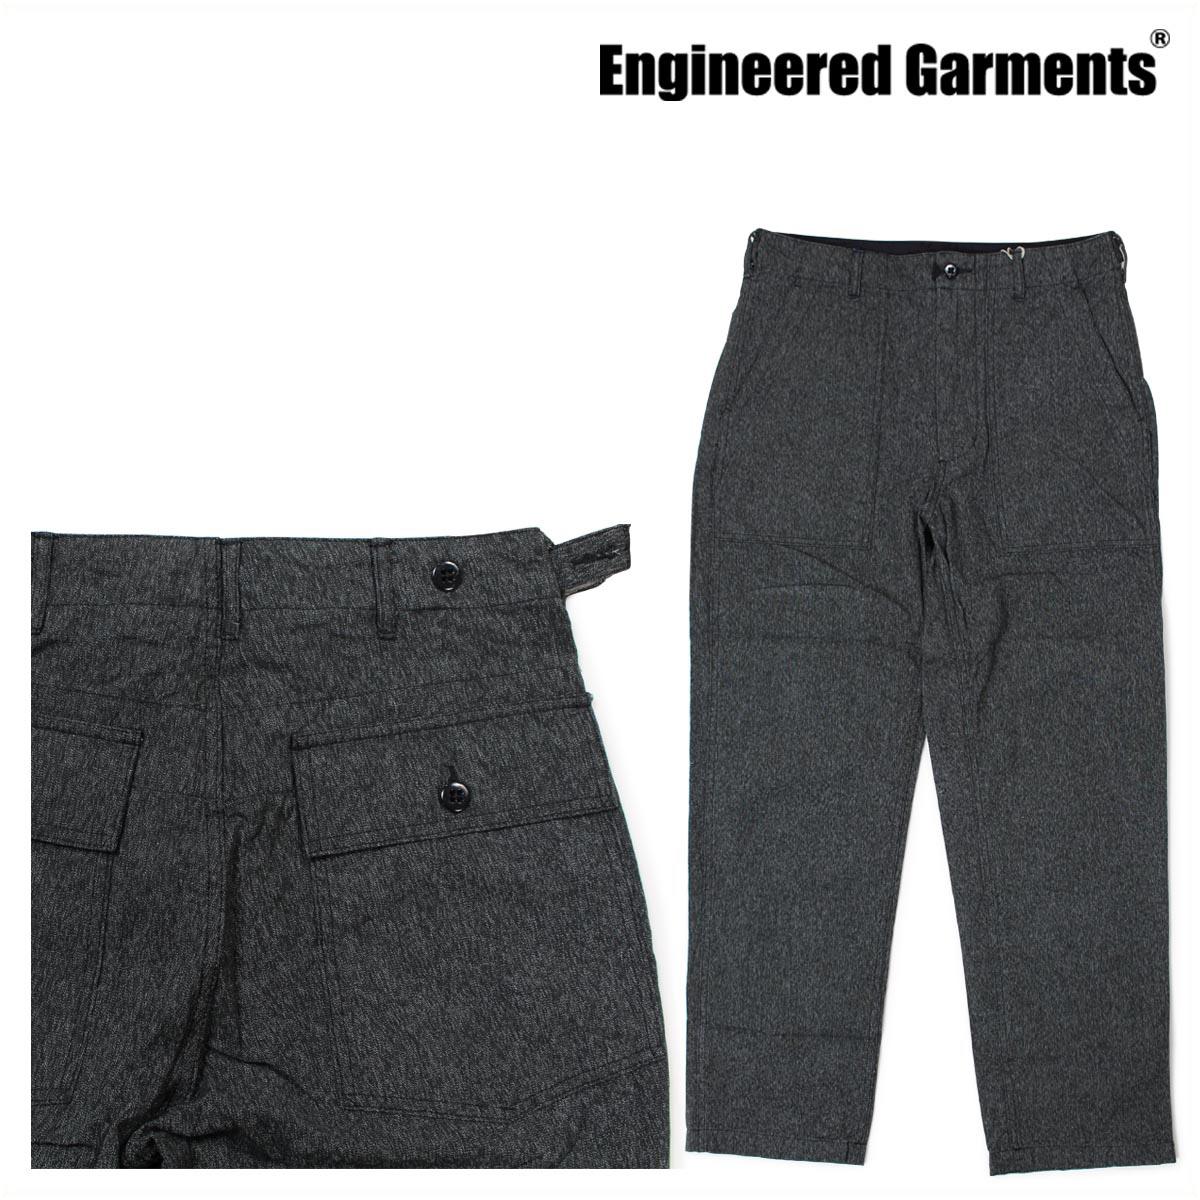 エンジニアド ガーメンツ ENGINEERED GARMENTS パンツ メンズ ファティーグパンツ FATIGUE PANT F7F0659 グレー